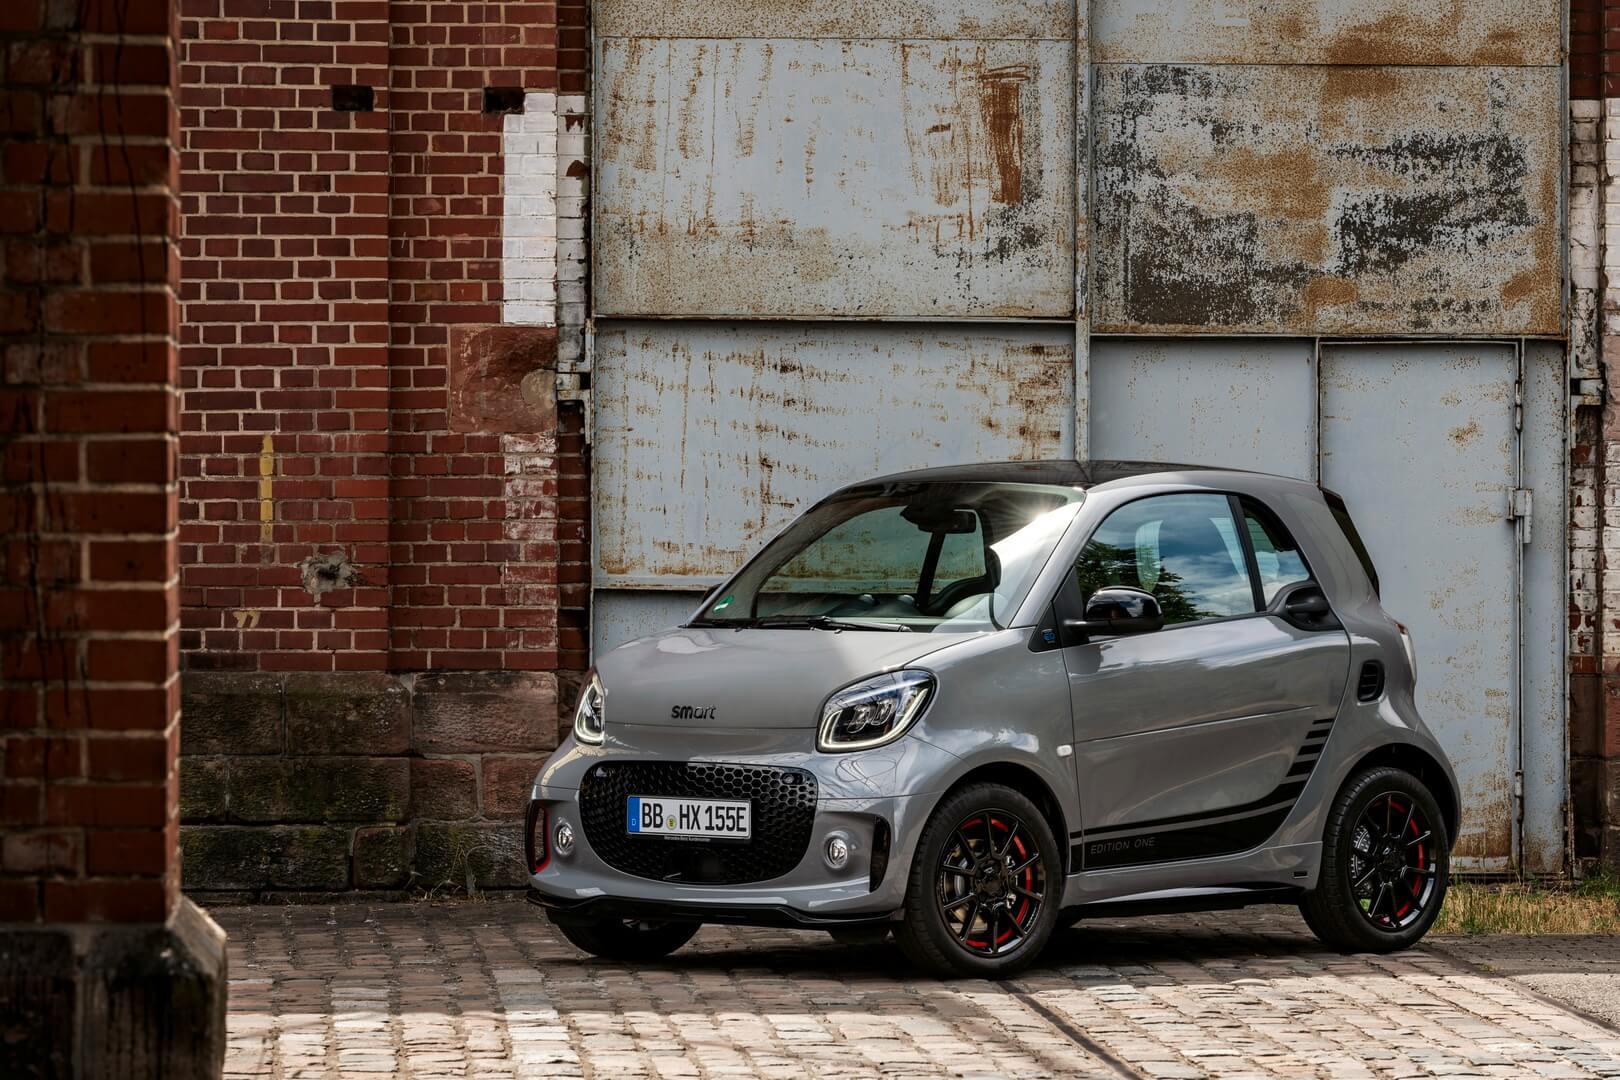 Обновленный электромобиль Smart EQ fortwo